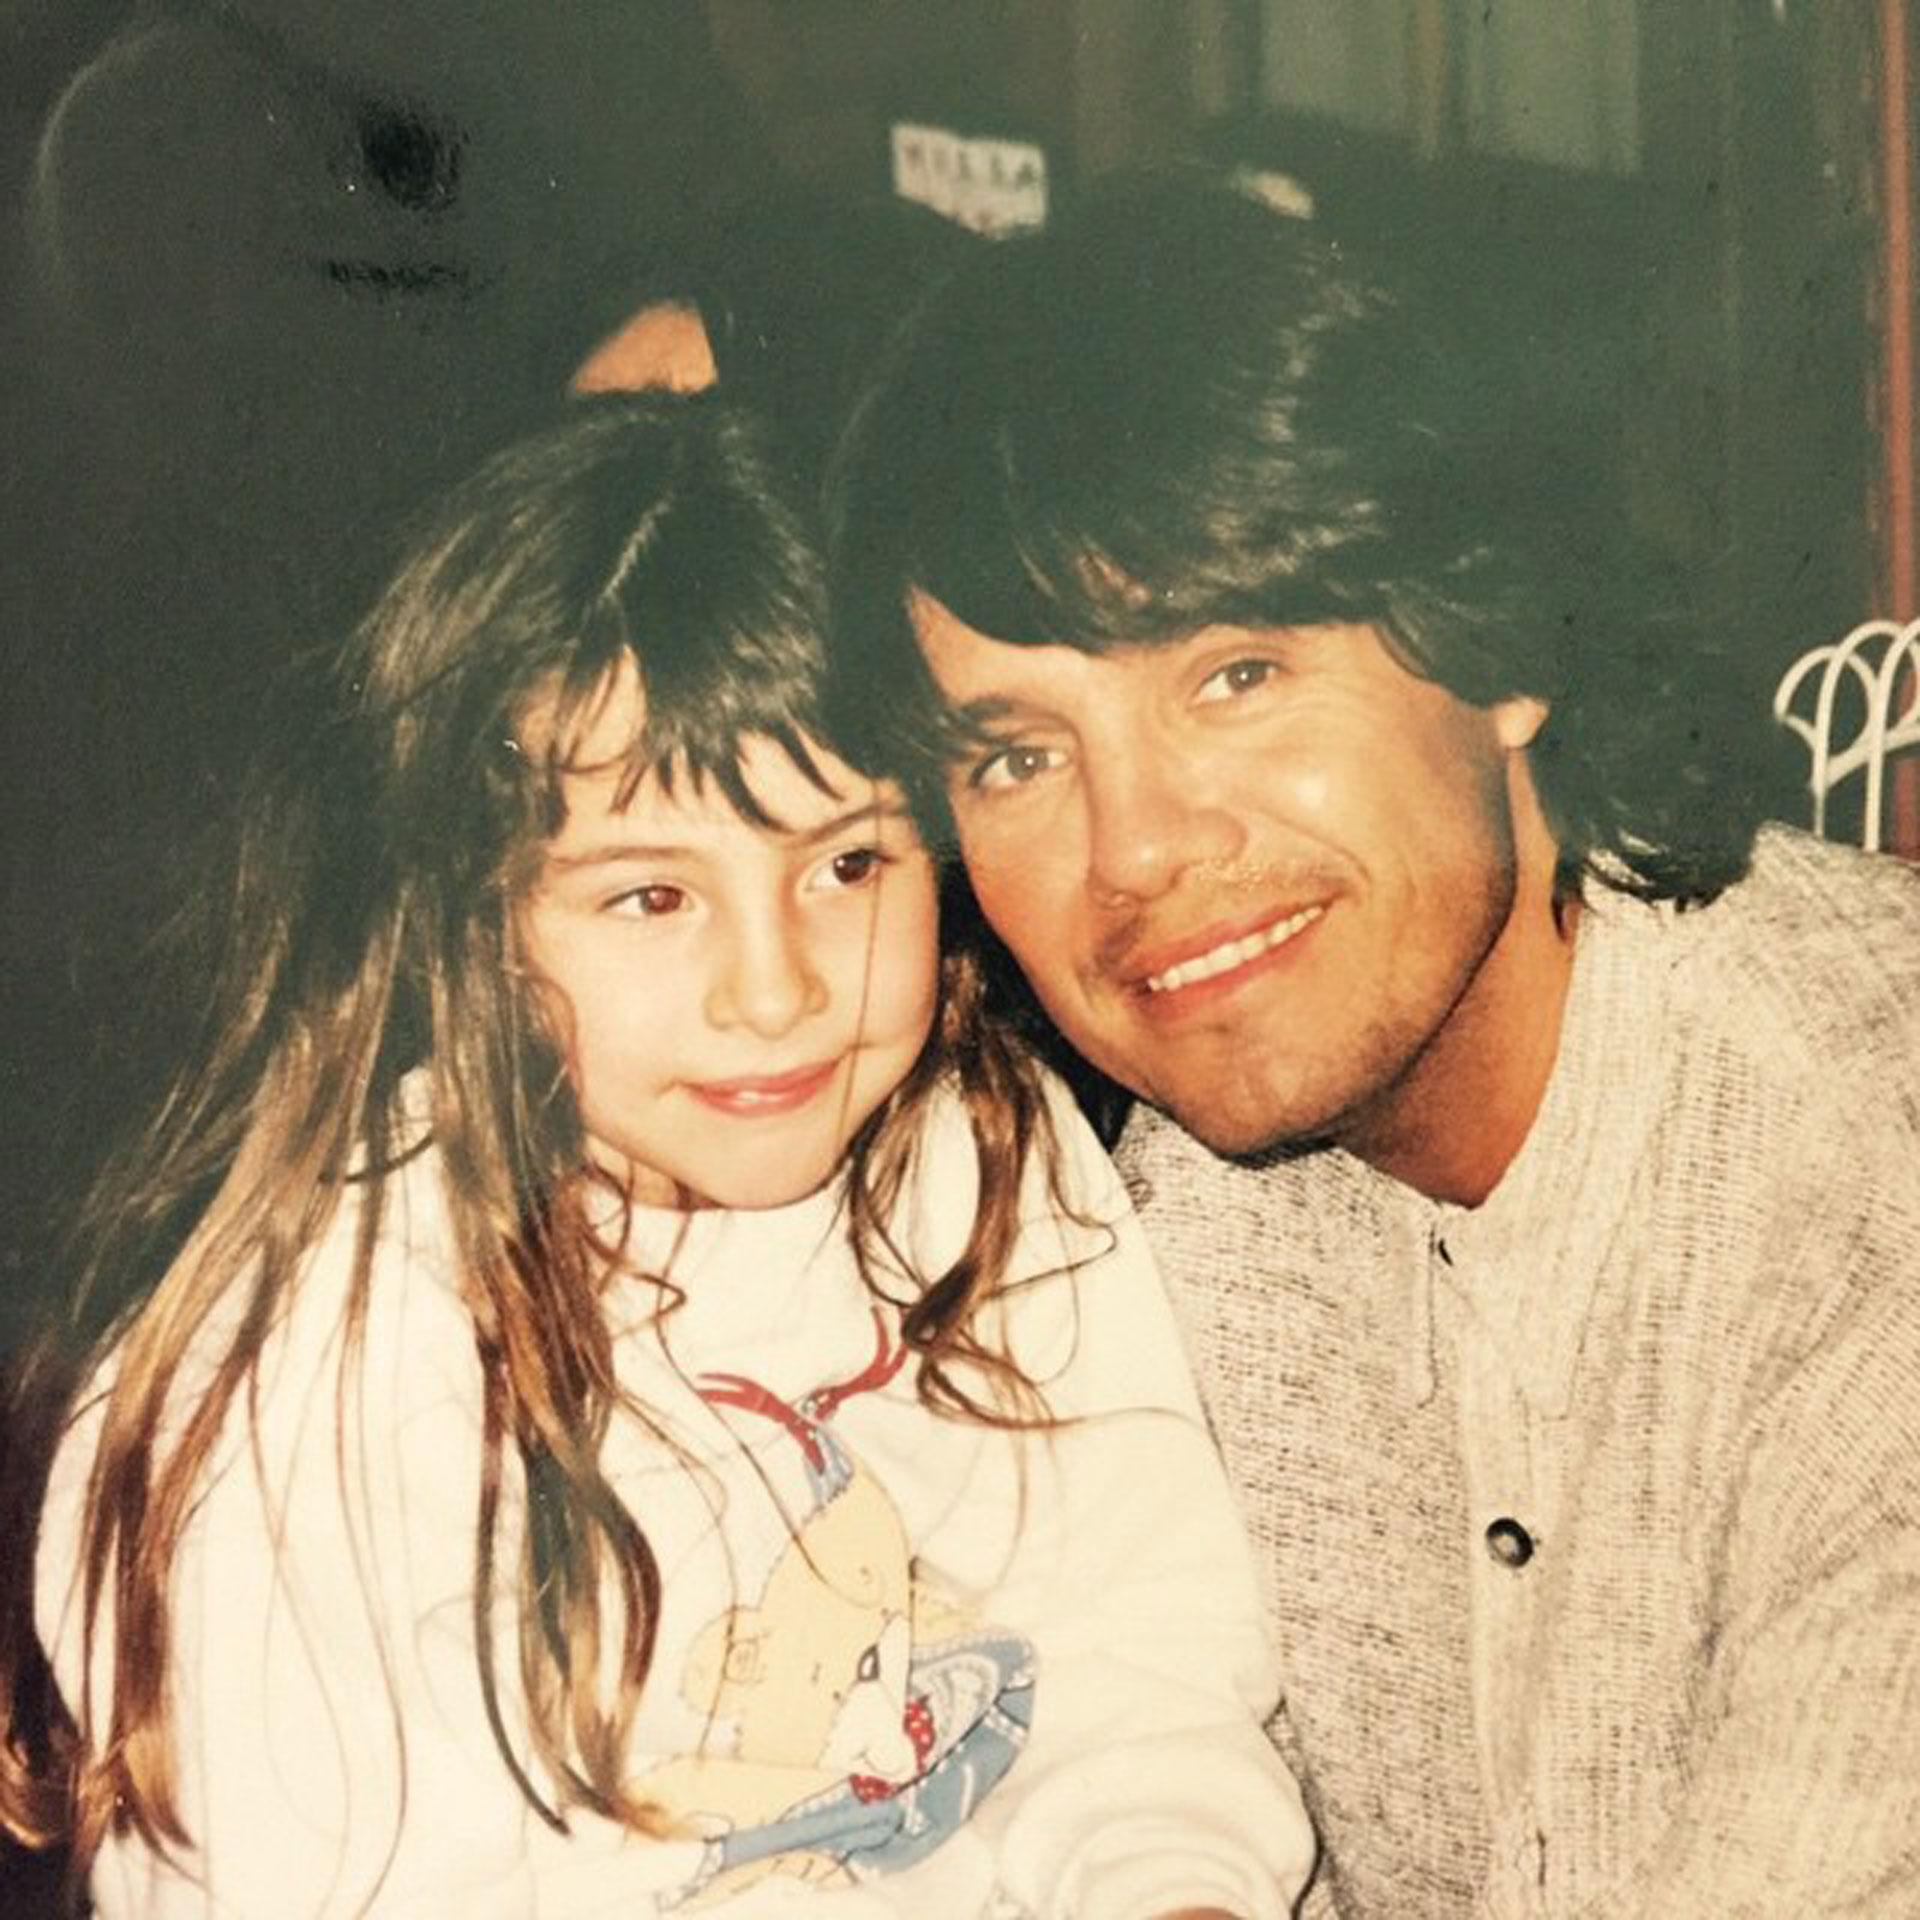 """El conductor y su hija Candelaria. """"Qué hermosa foto con mi rubi. Media rollinga la niña"""", escribió MT el día que la publicó en redes sociales."""